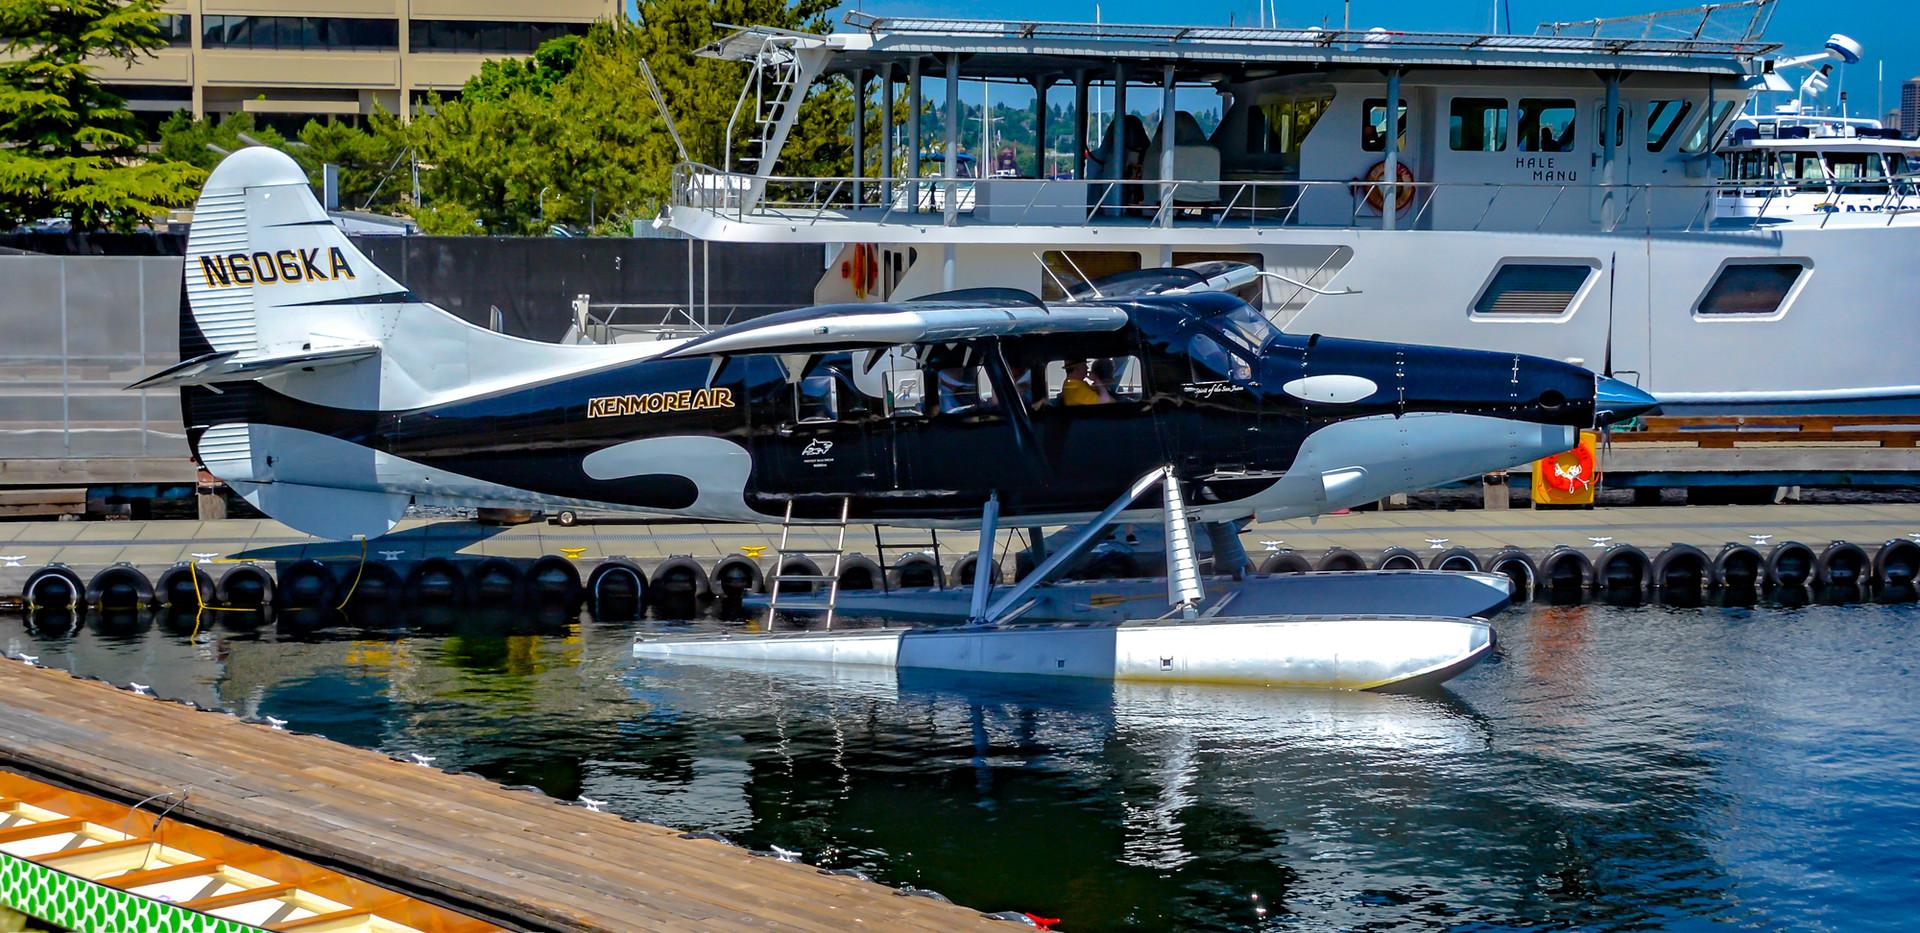 Kenmore Air Orca